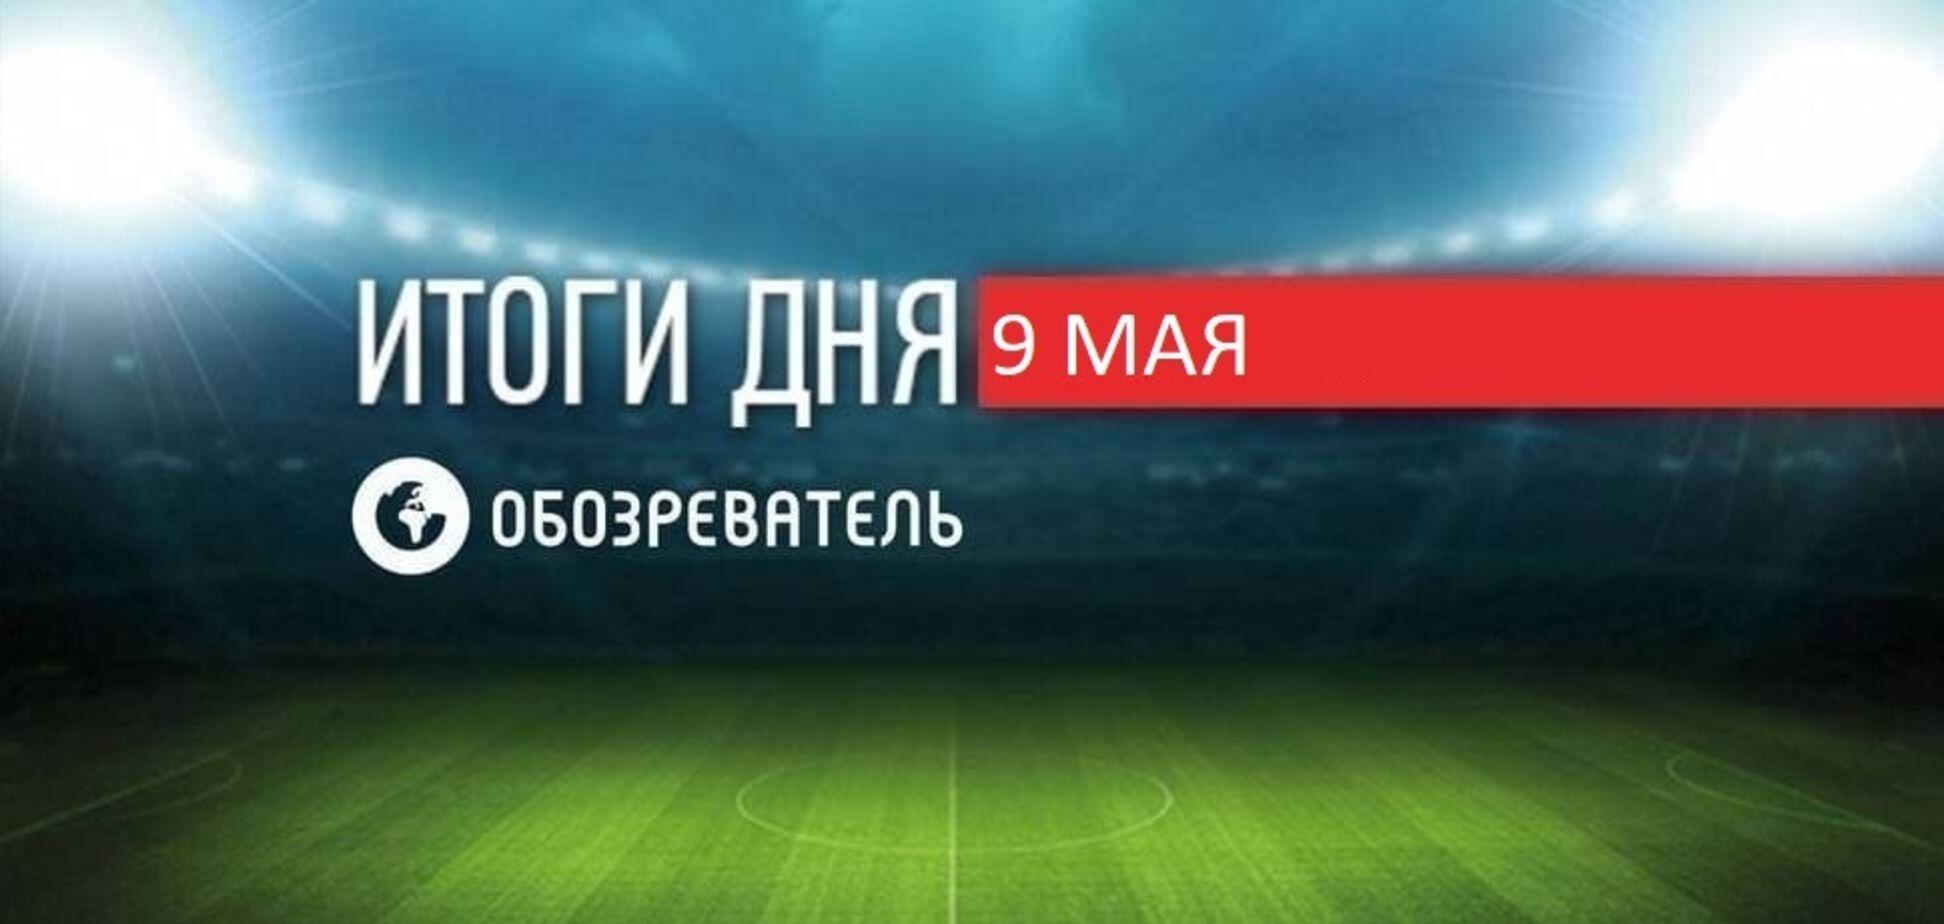 Новости спорта 9 мая: Кличко высказался о возвращении в бокс